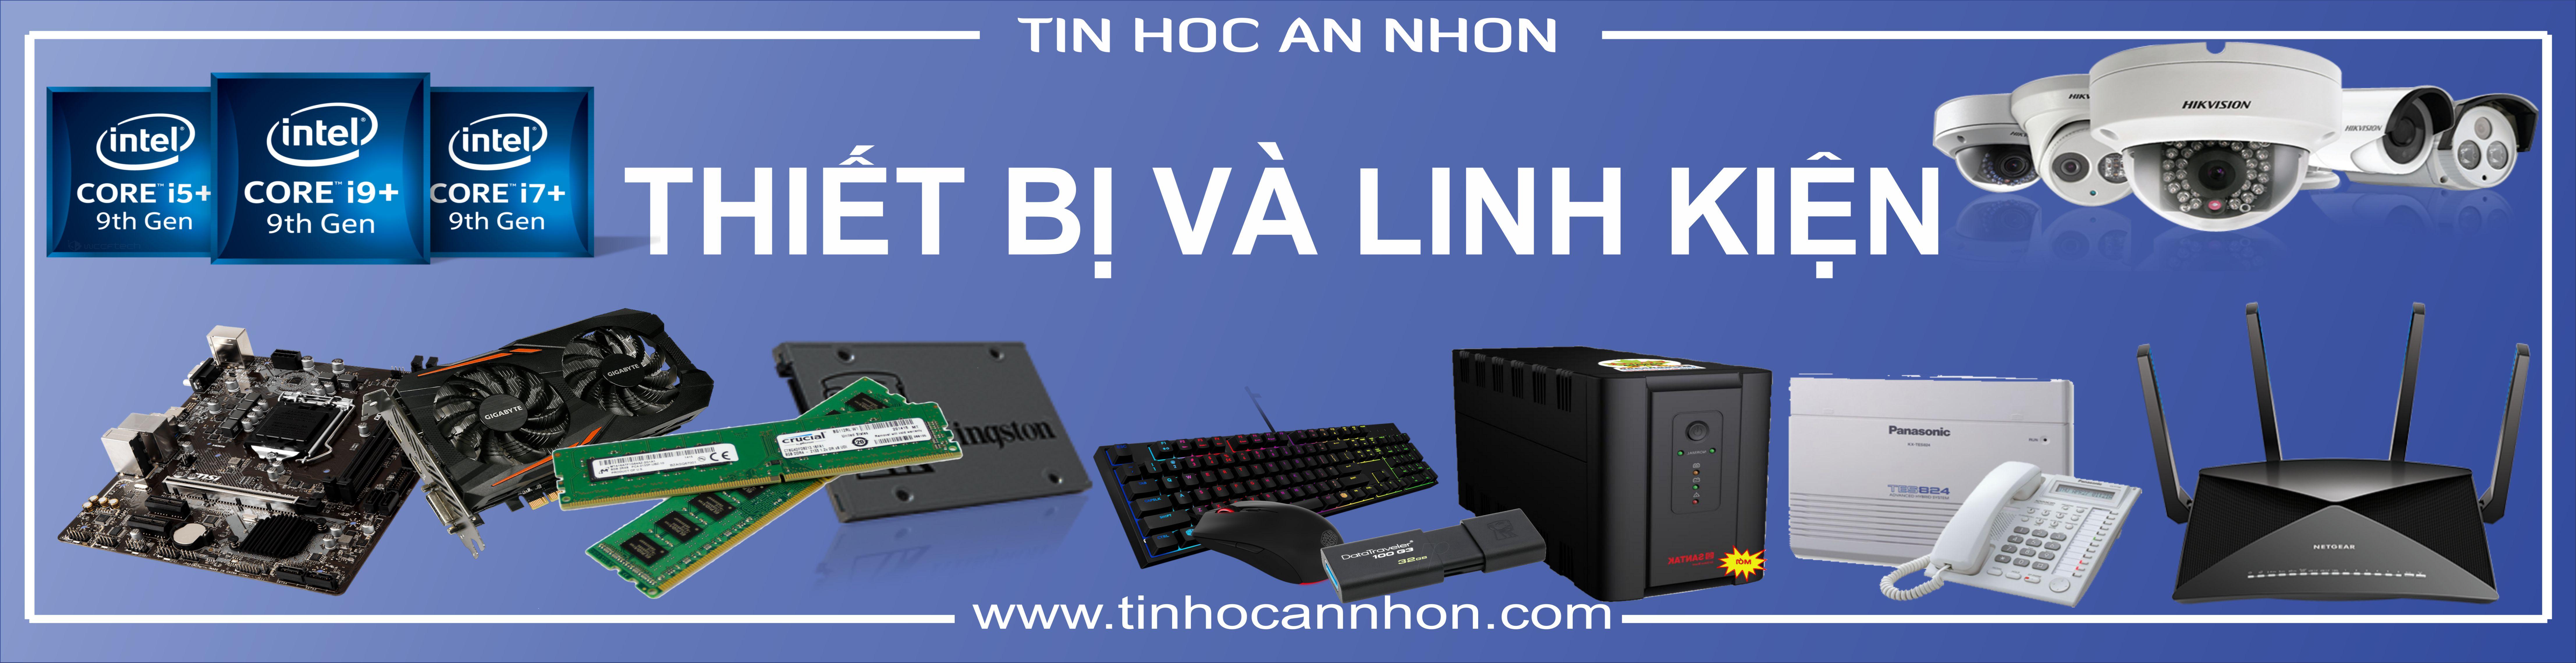 an-nhon